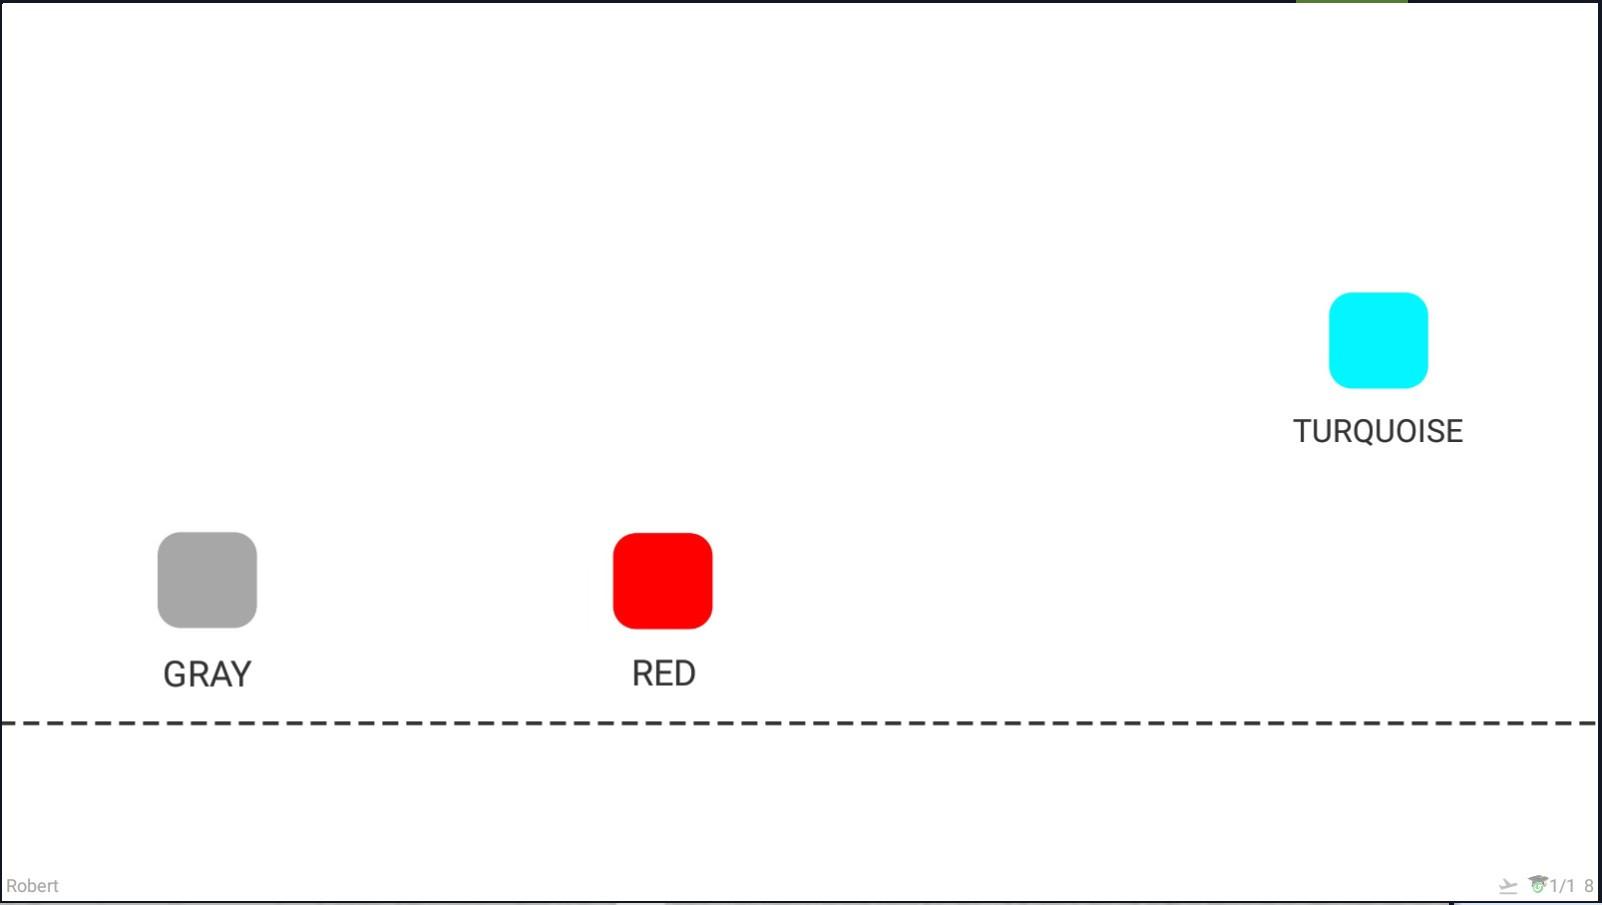 Krok 10 - celkový počet objektov, ktoré vidíte naraz, sa zníži na 3